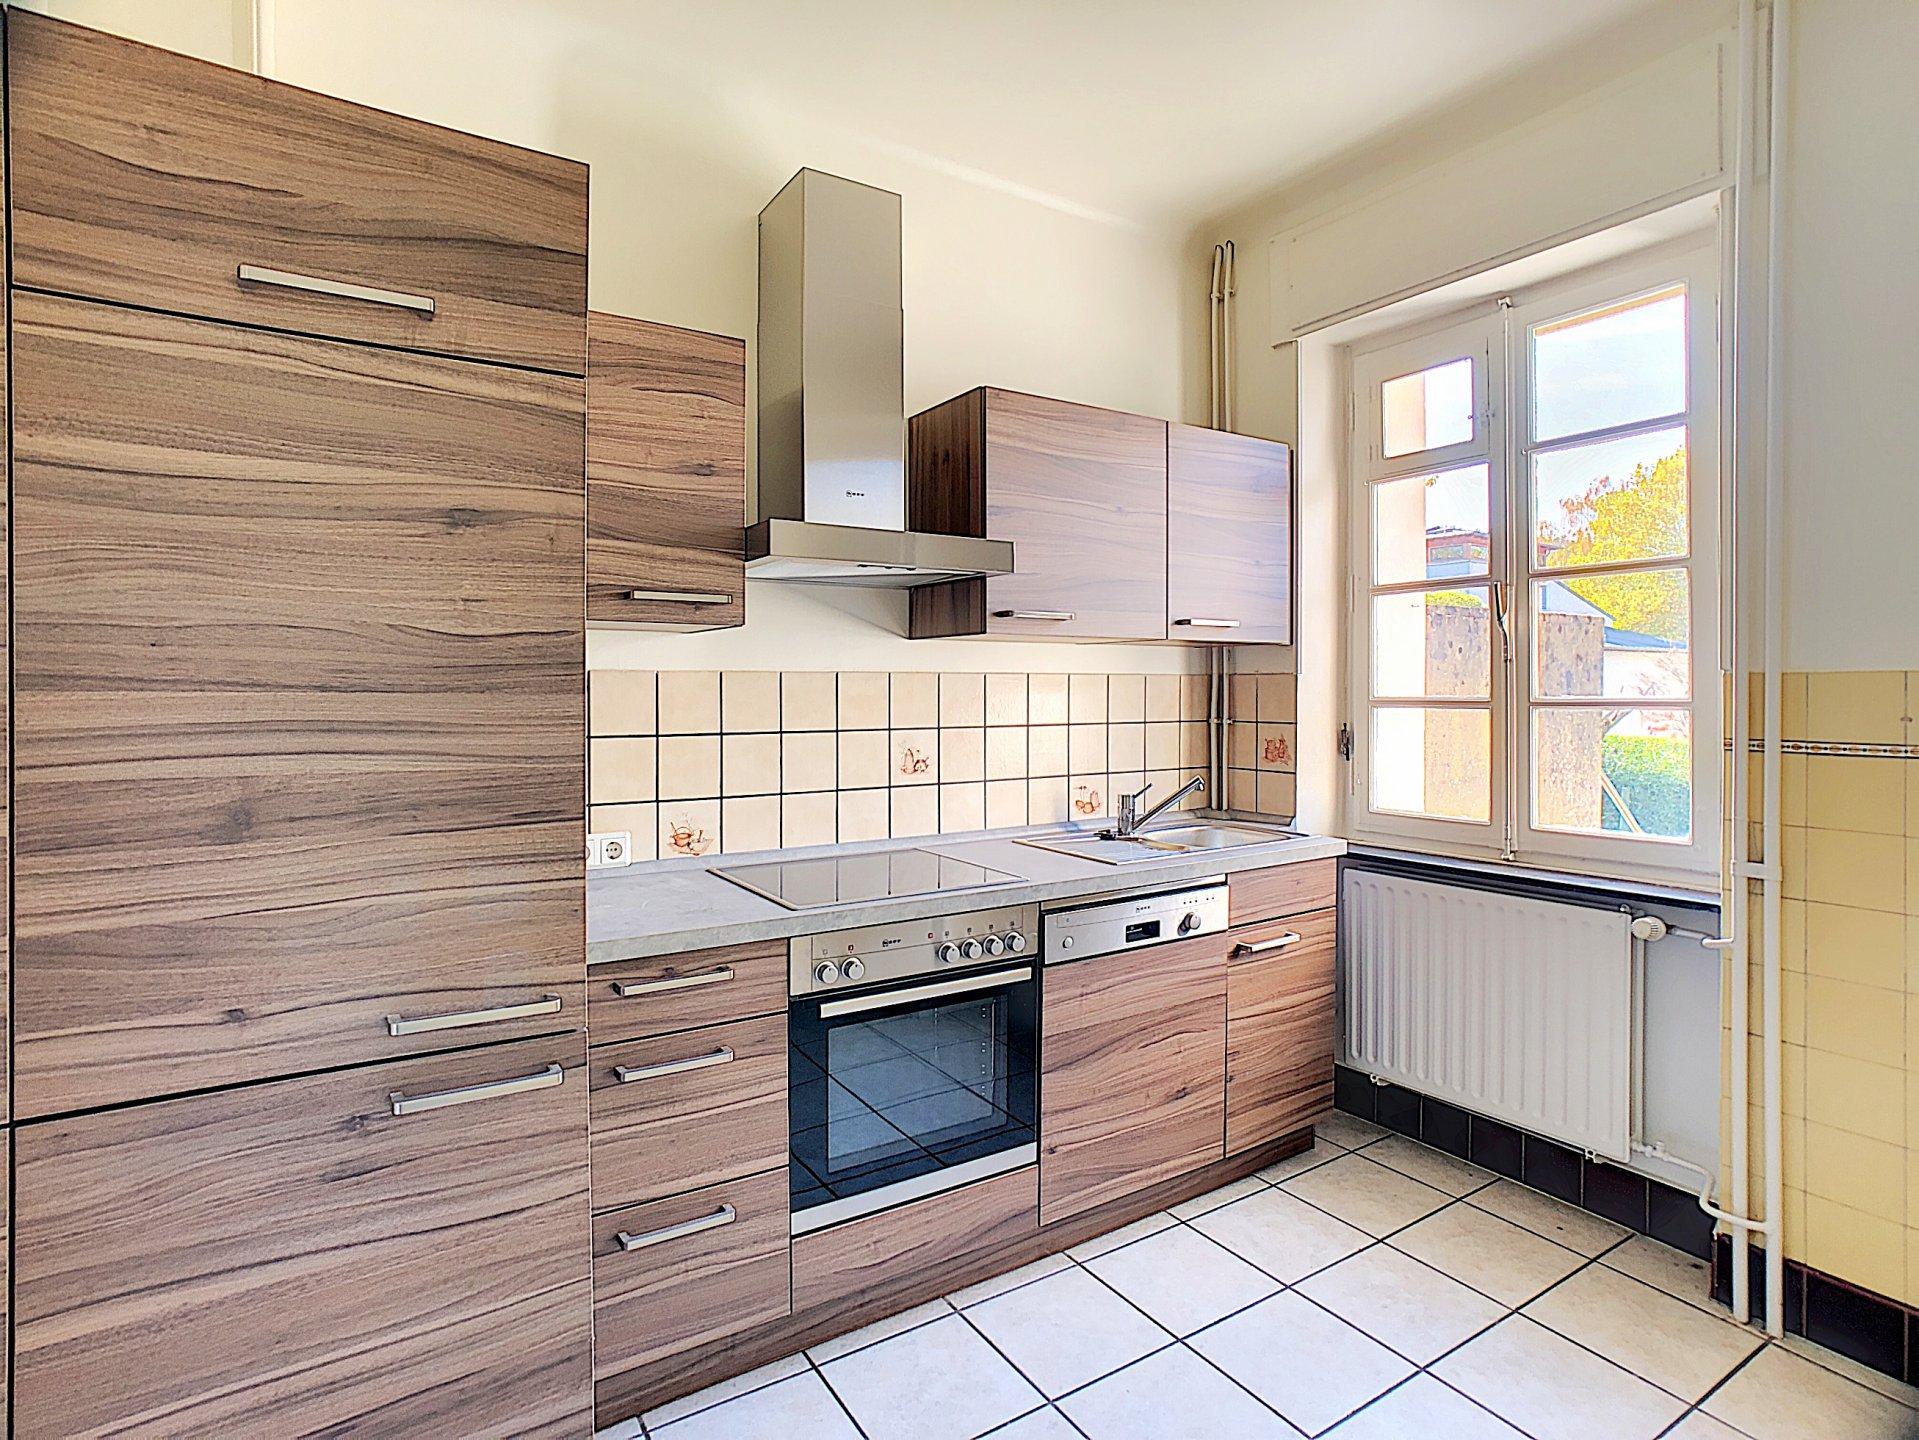 House to Sale in Bereldange